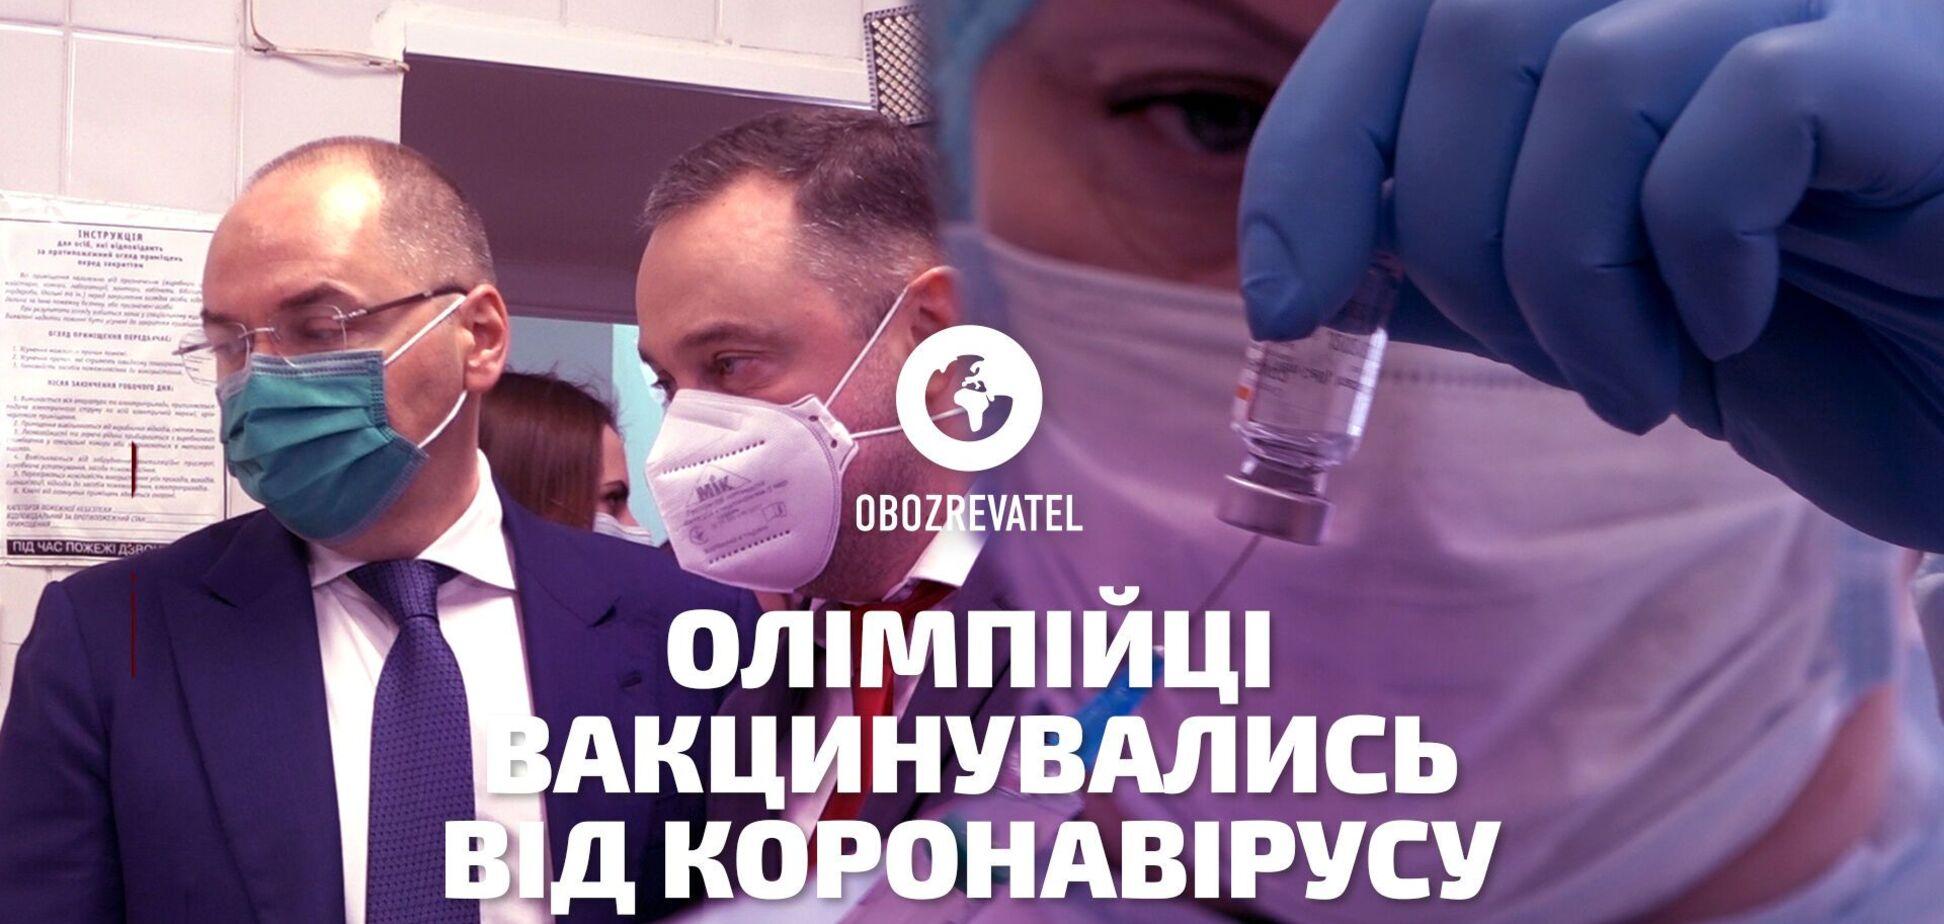 Спортсмены-олимпийцы вакцинировались от коронавируса